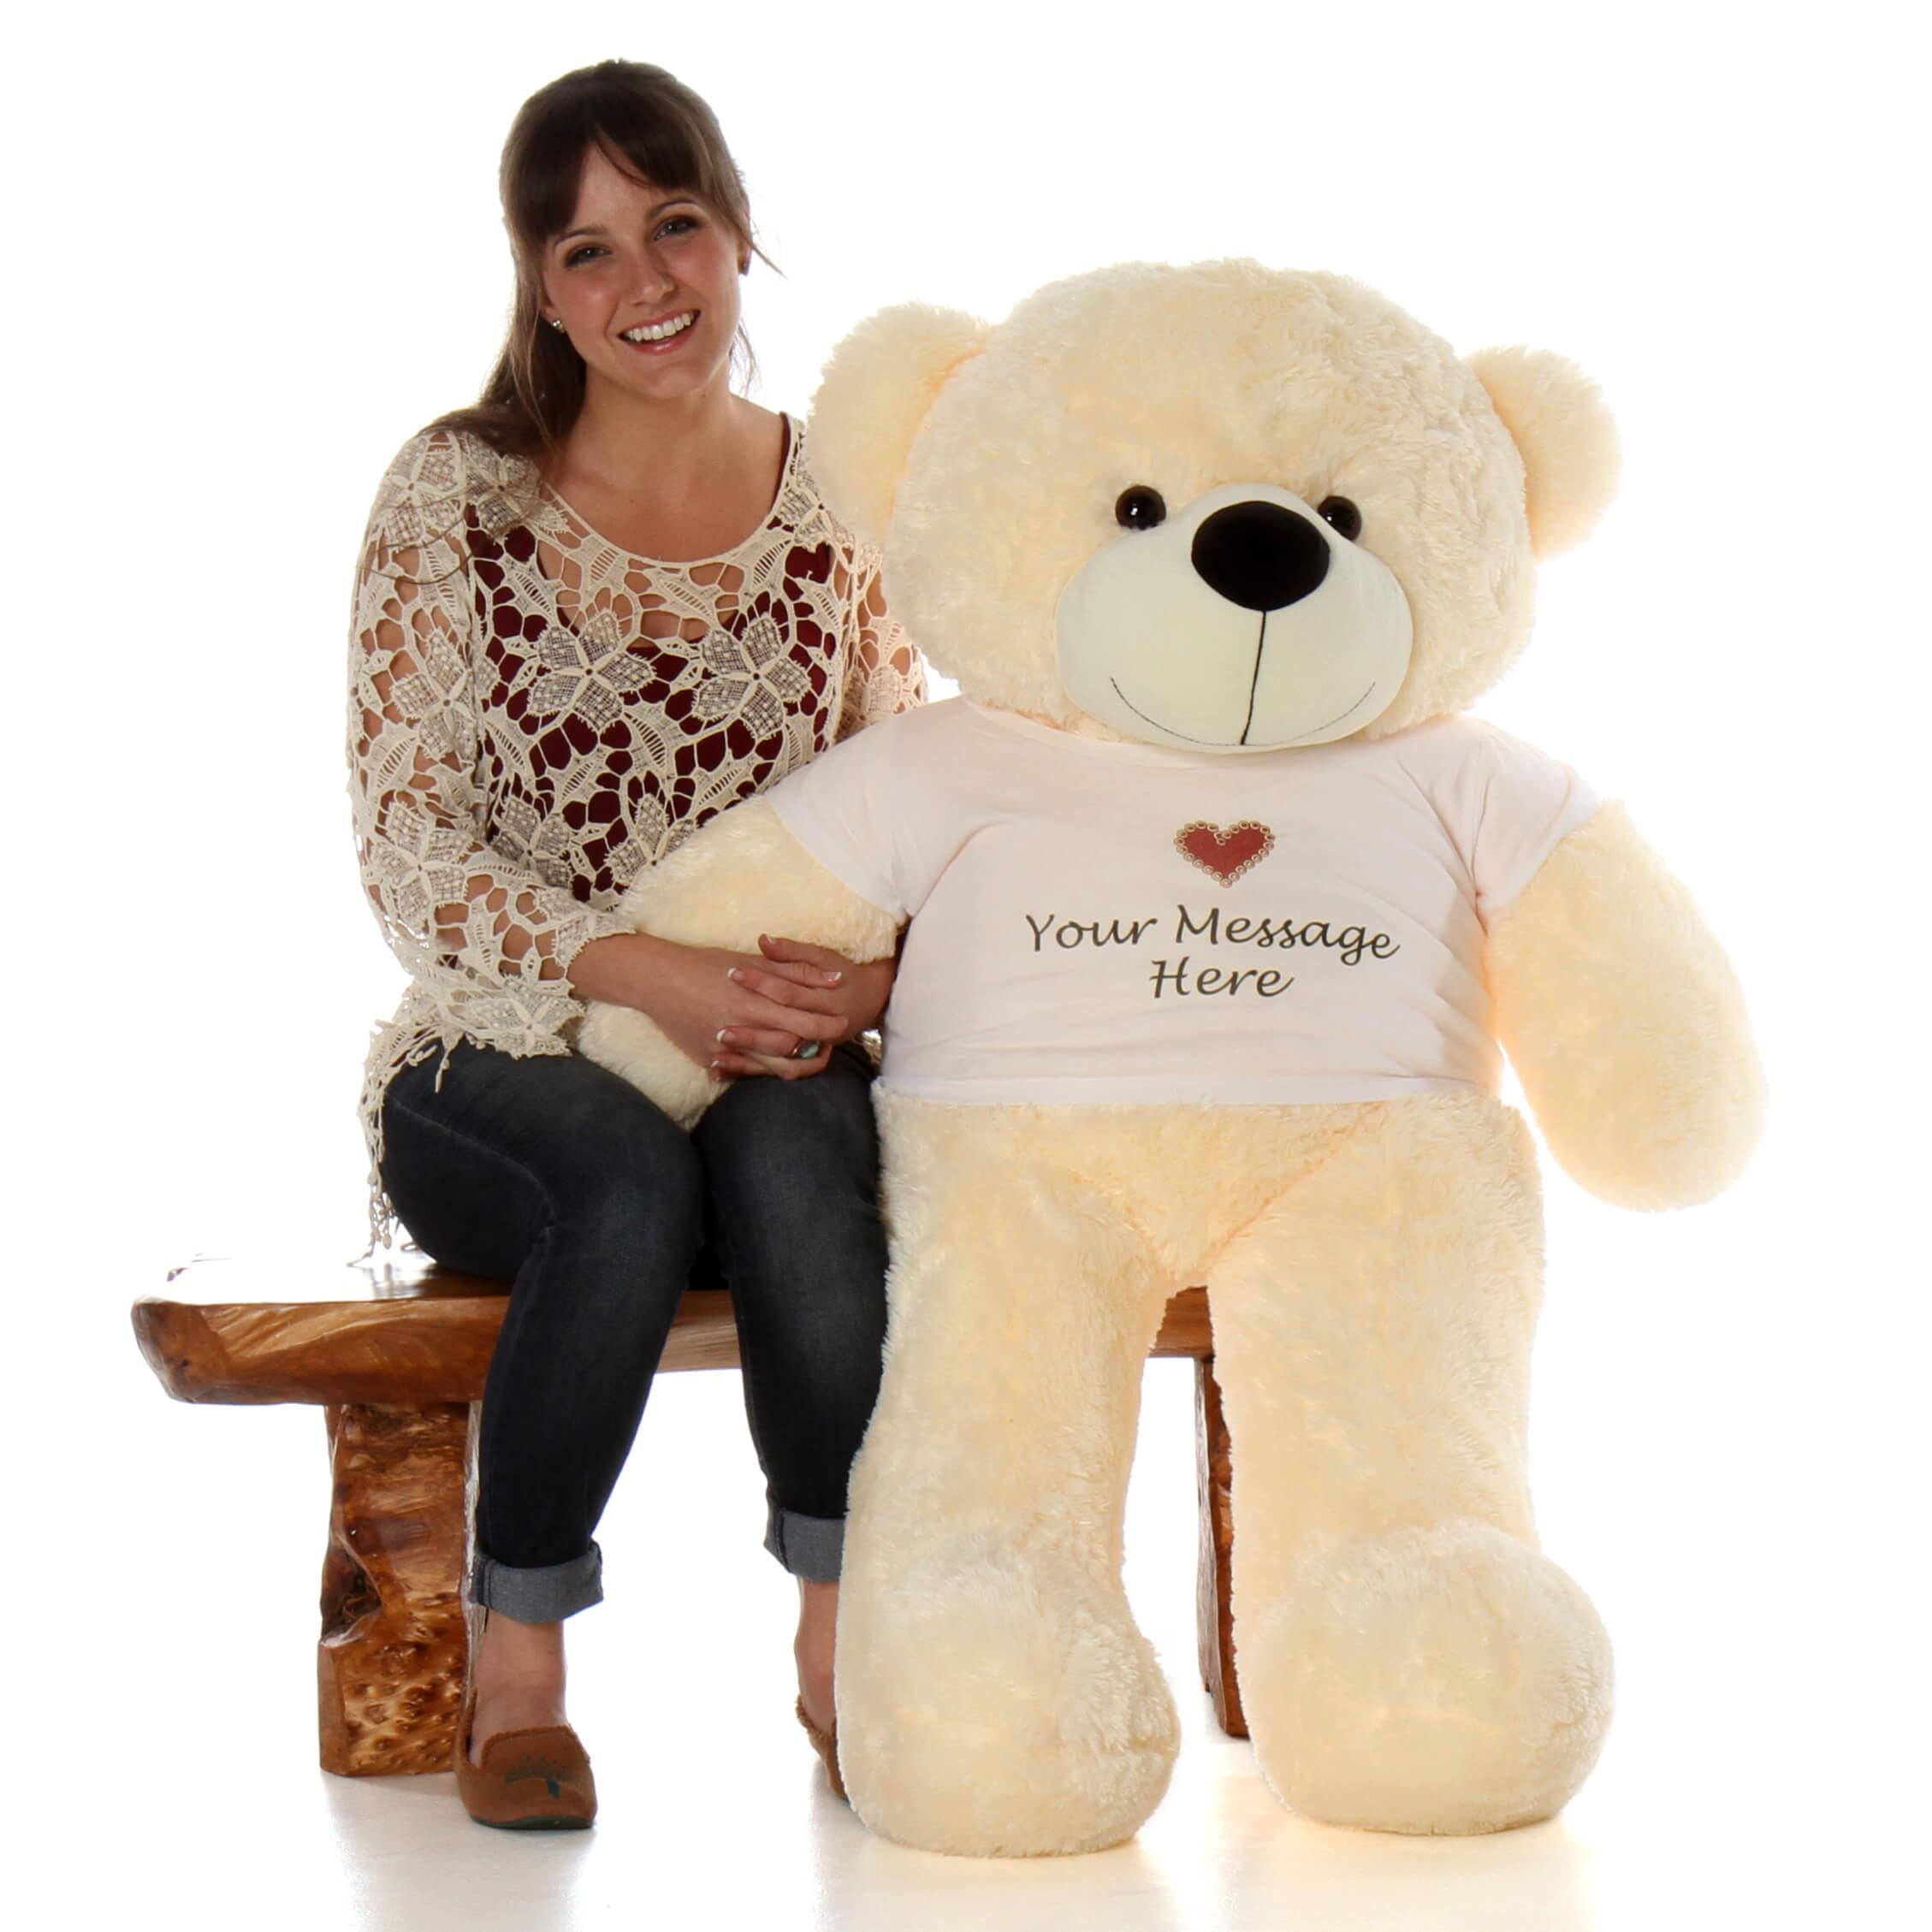 4ft-amazing-cute-huggable-life-size-cream-teddy-bear-1.jpg